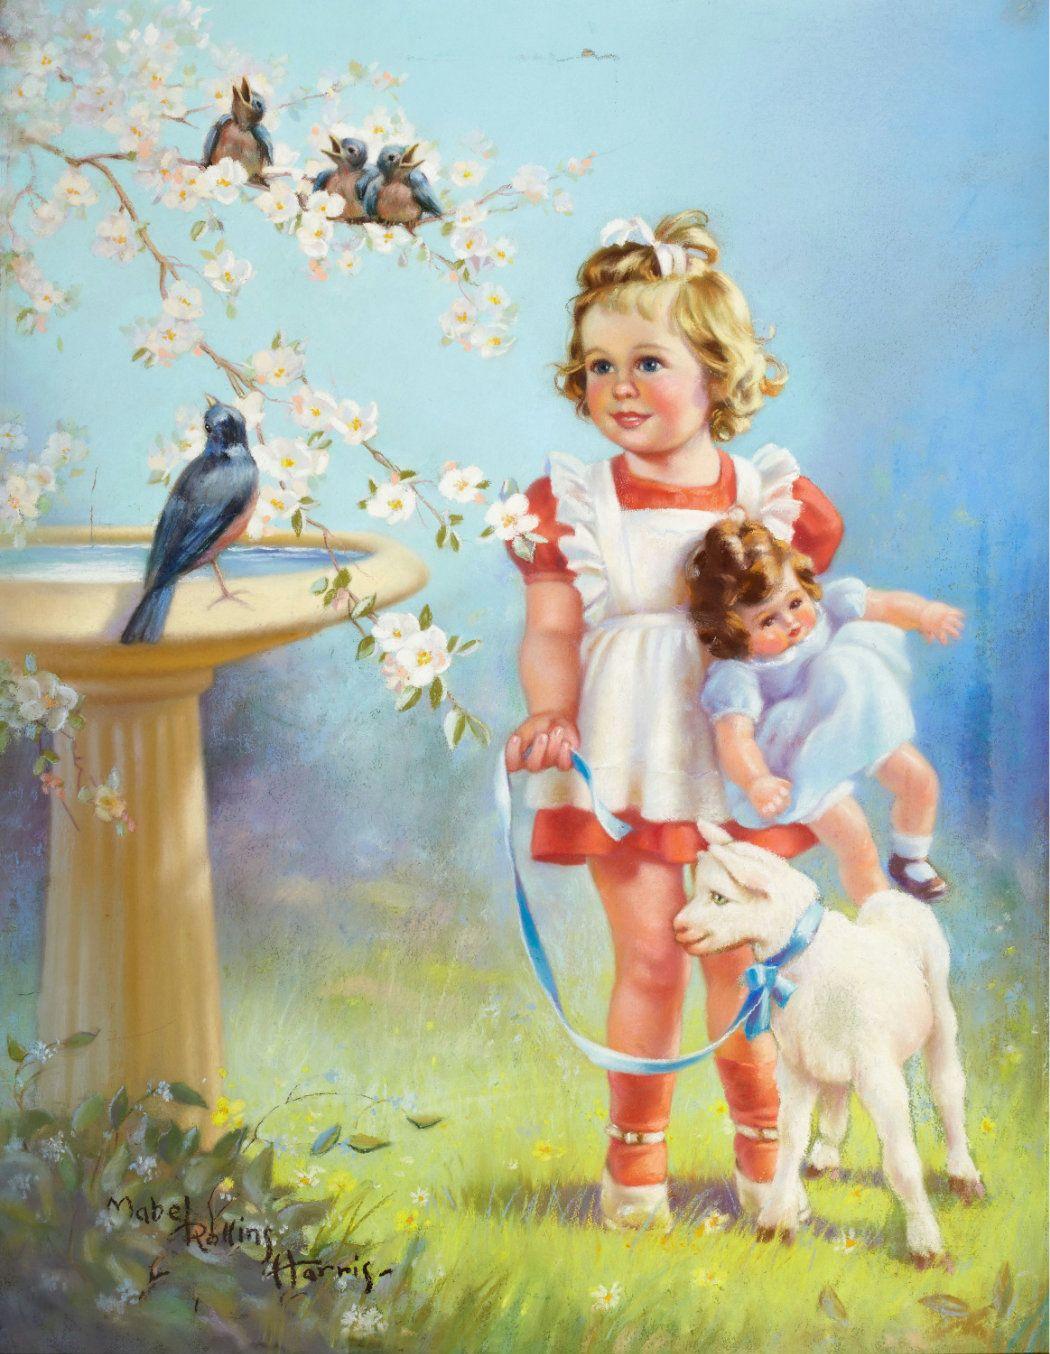 Юмор, детская открытка весна